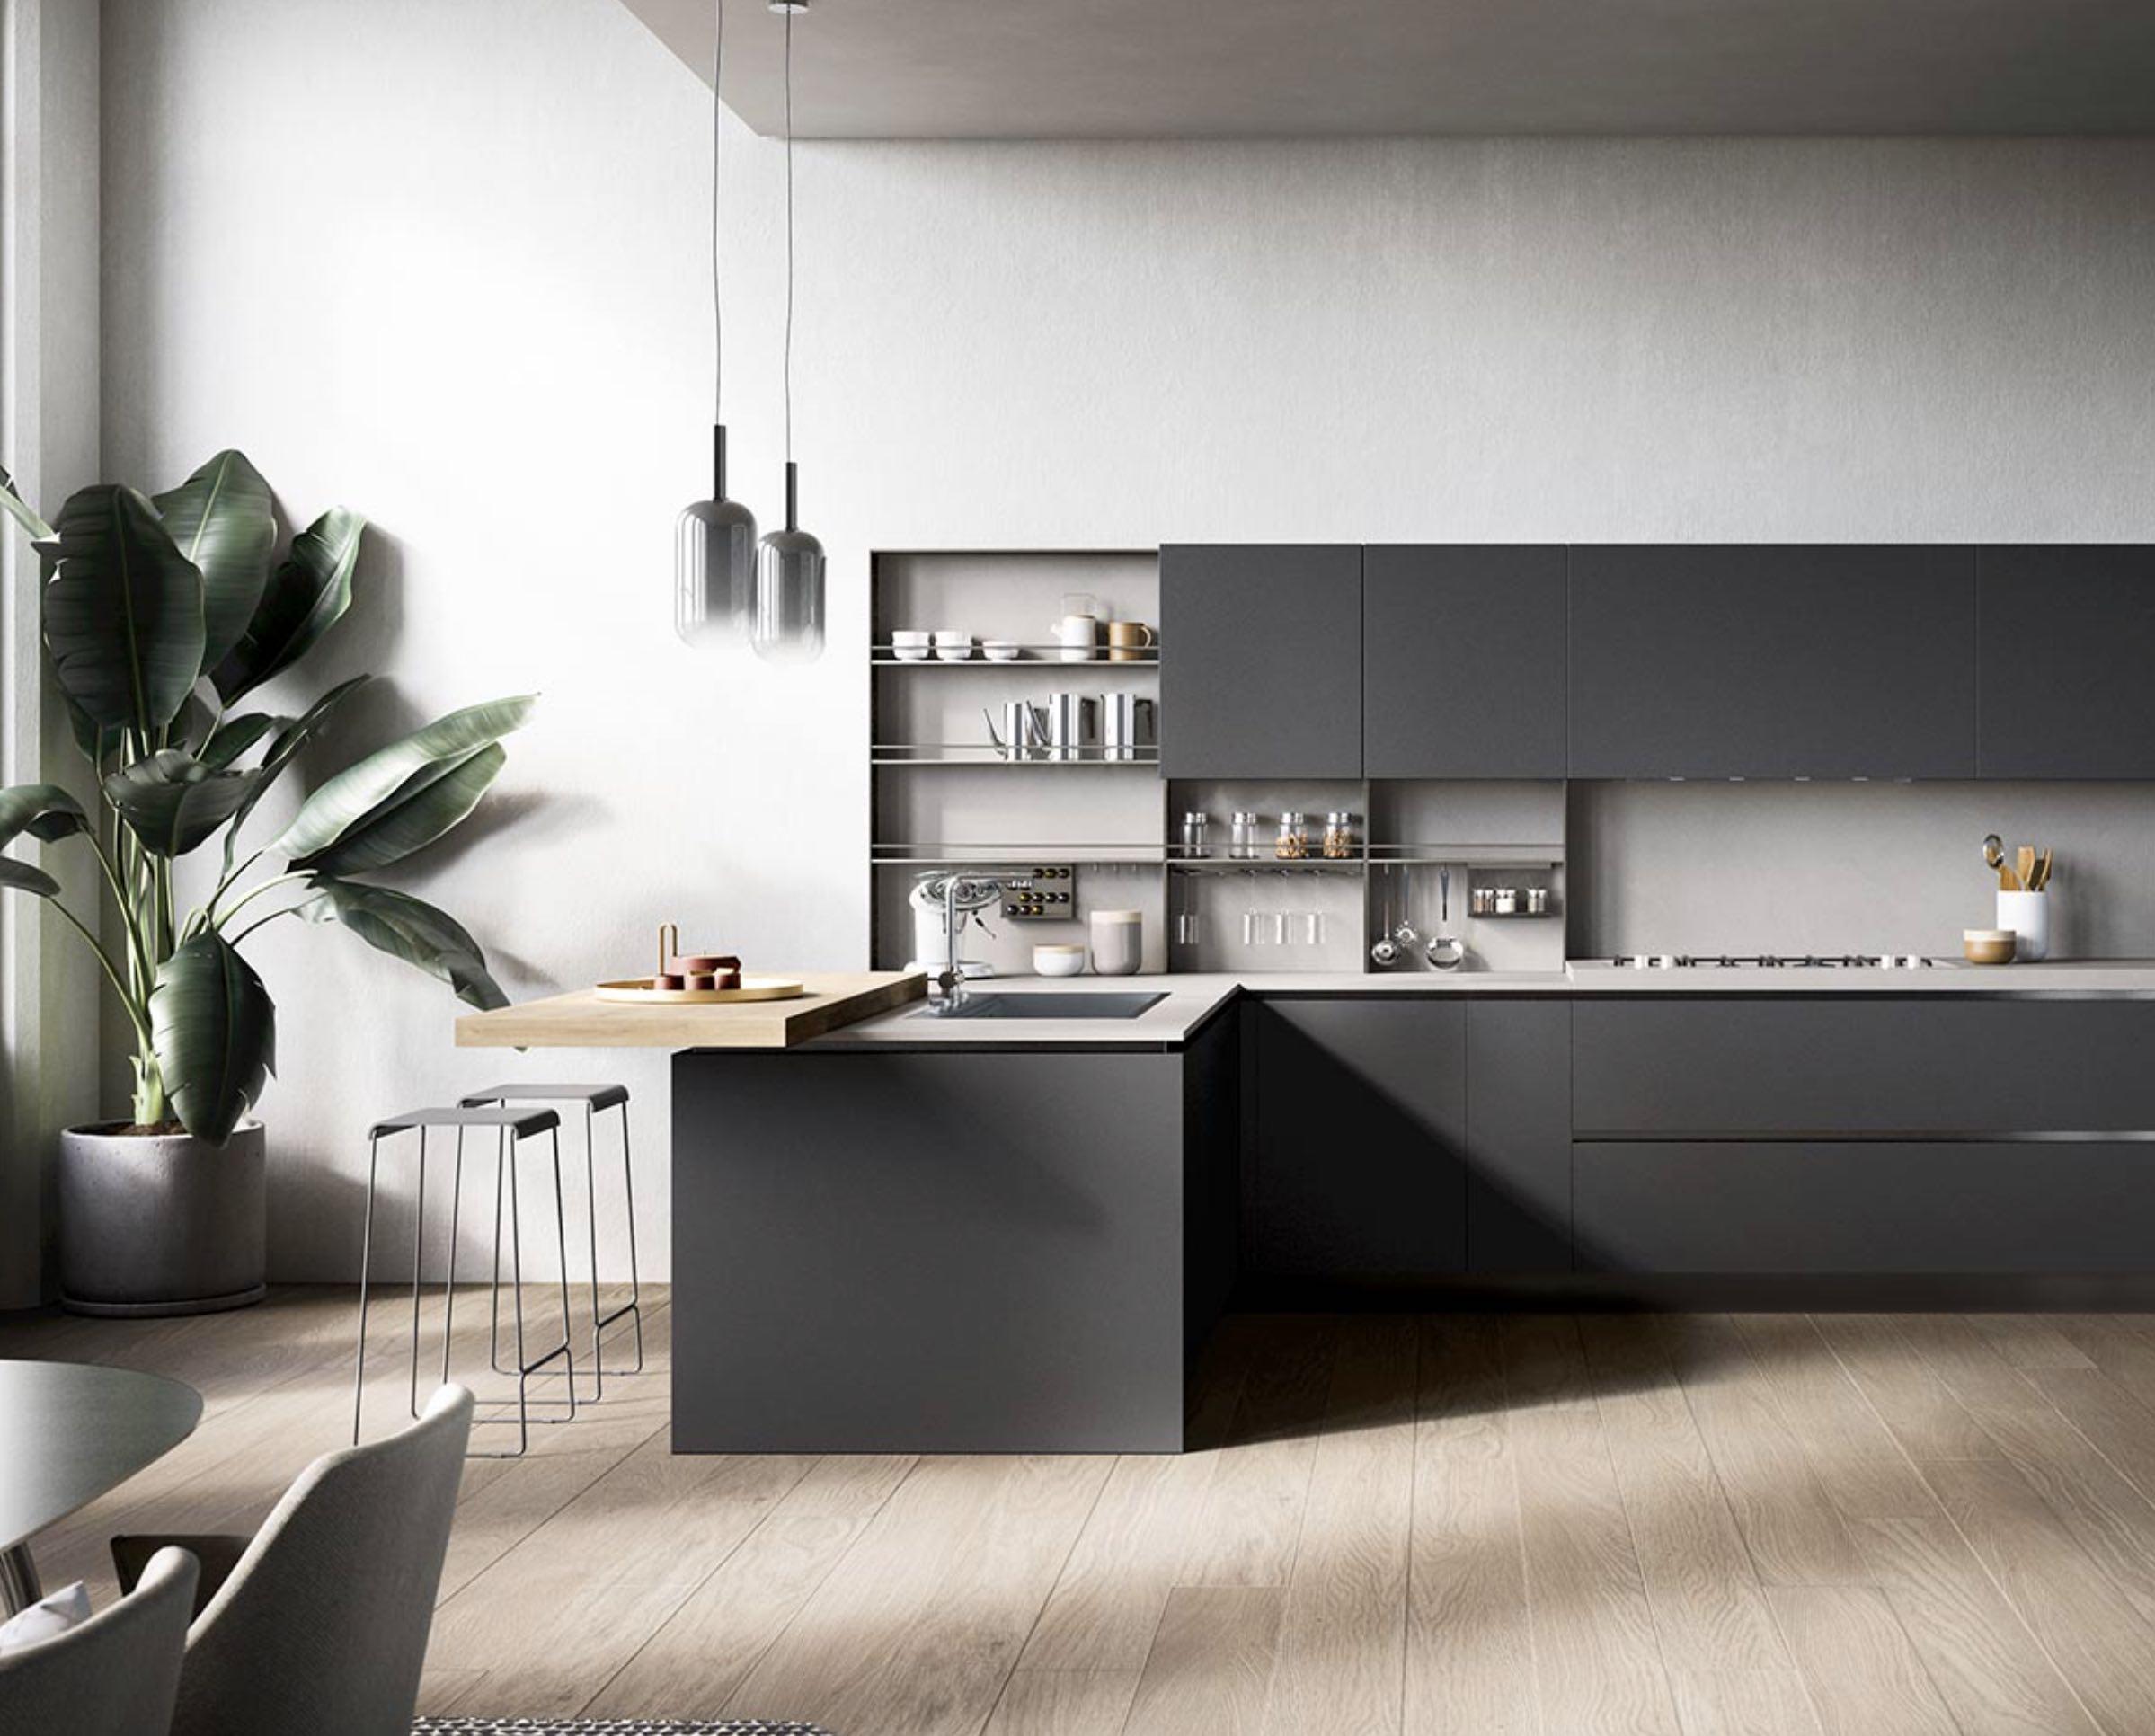 Un espace bar dans votre cuisine - configuration en L⎮ Armony Cuisine La Garenne-Colombes